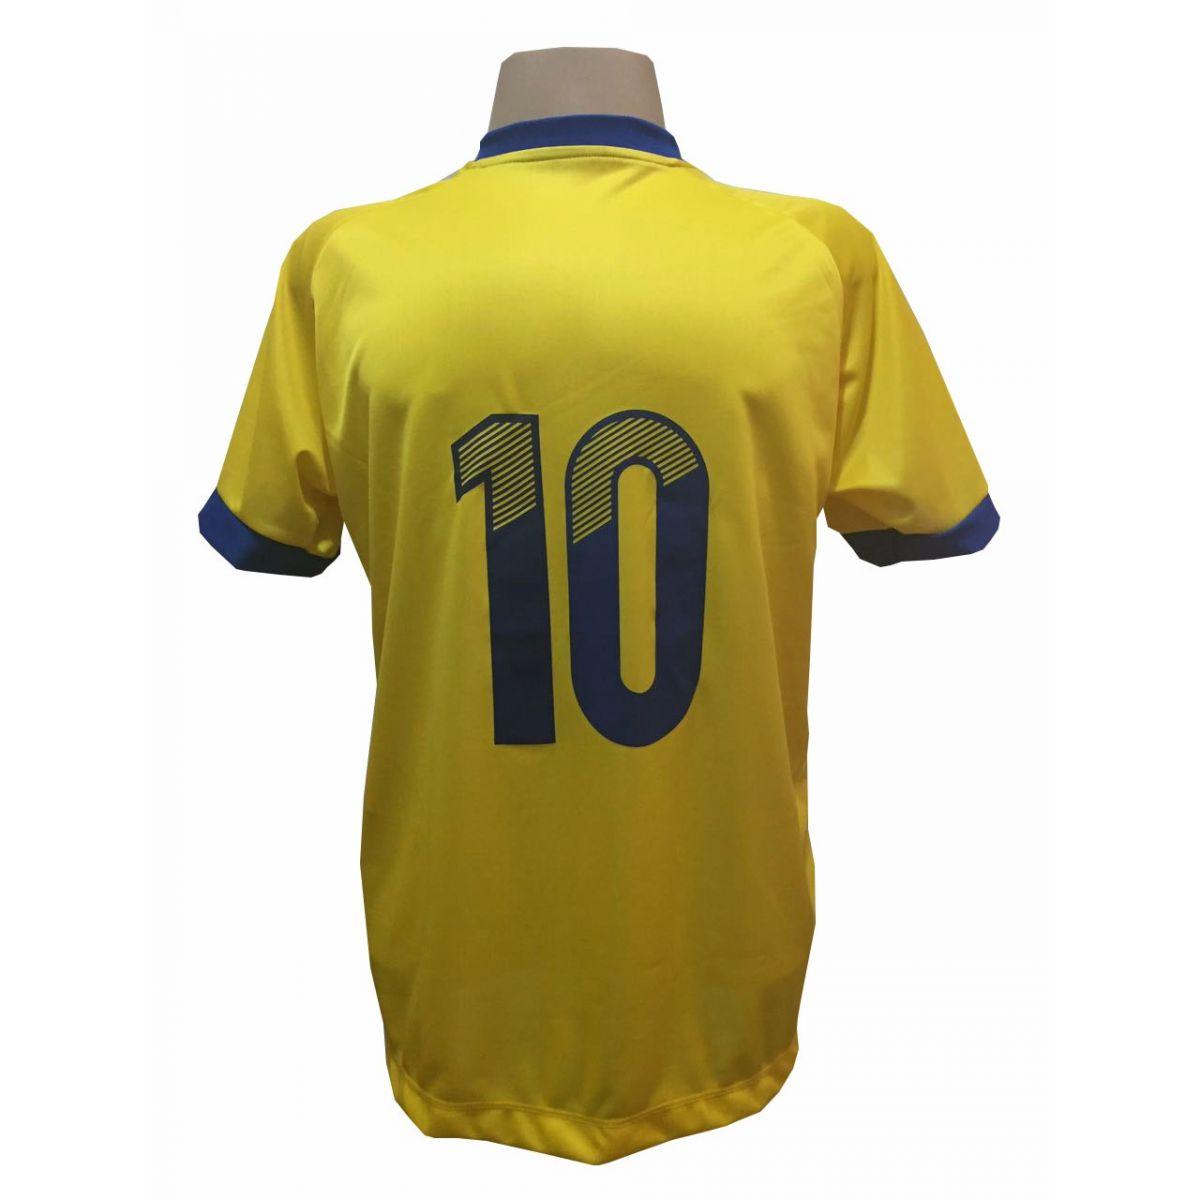 Fardamento Completo modelo Bélgica 20+2 (20 camisas Amarelo/Royal + 20 calções modelo Madrid Royal + 20 pares de meiões Amarelo + 2 conjuntos de goleiro) + Brindes